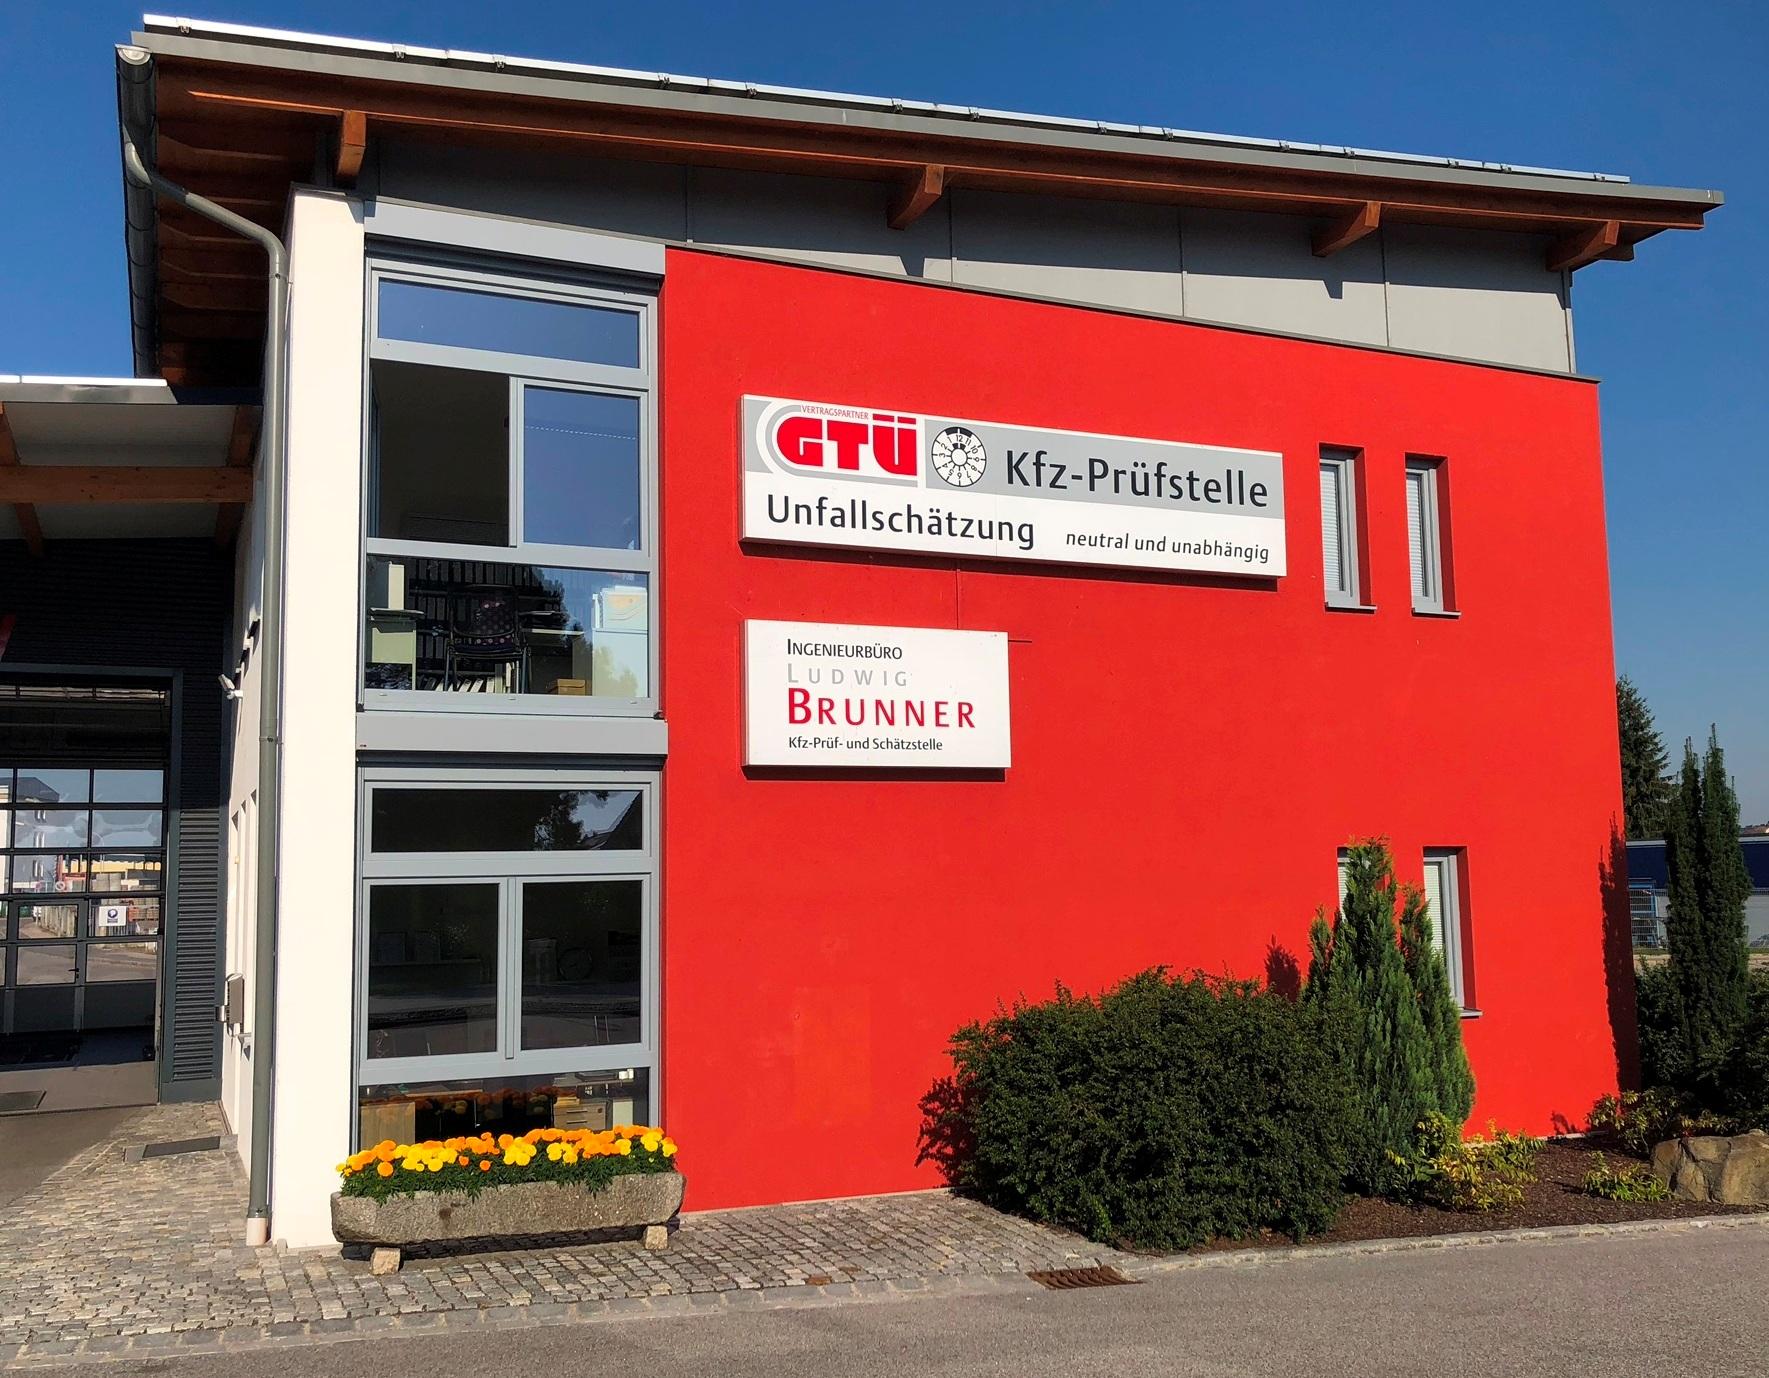 GTÜ-Prüfstelle Pfarrkirchen